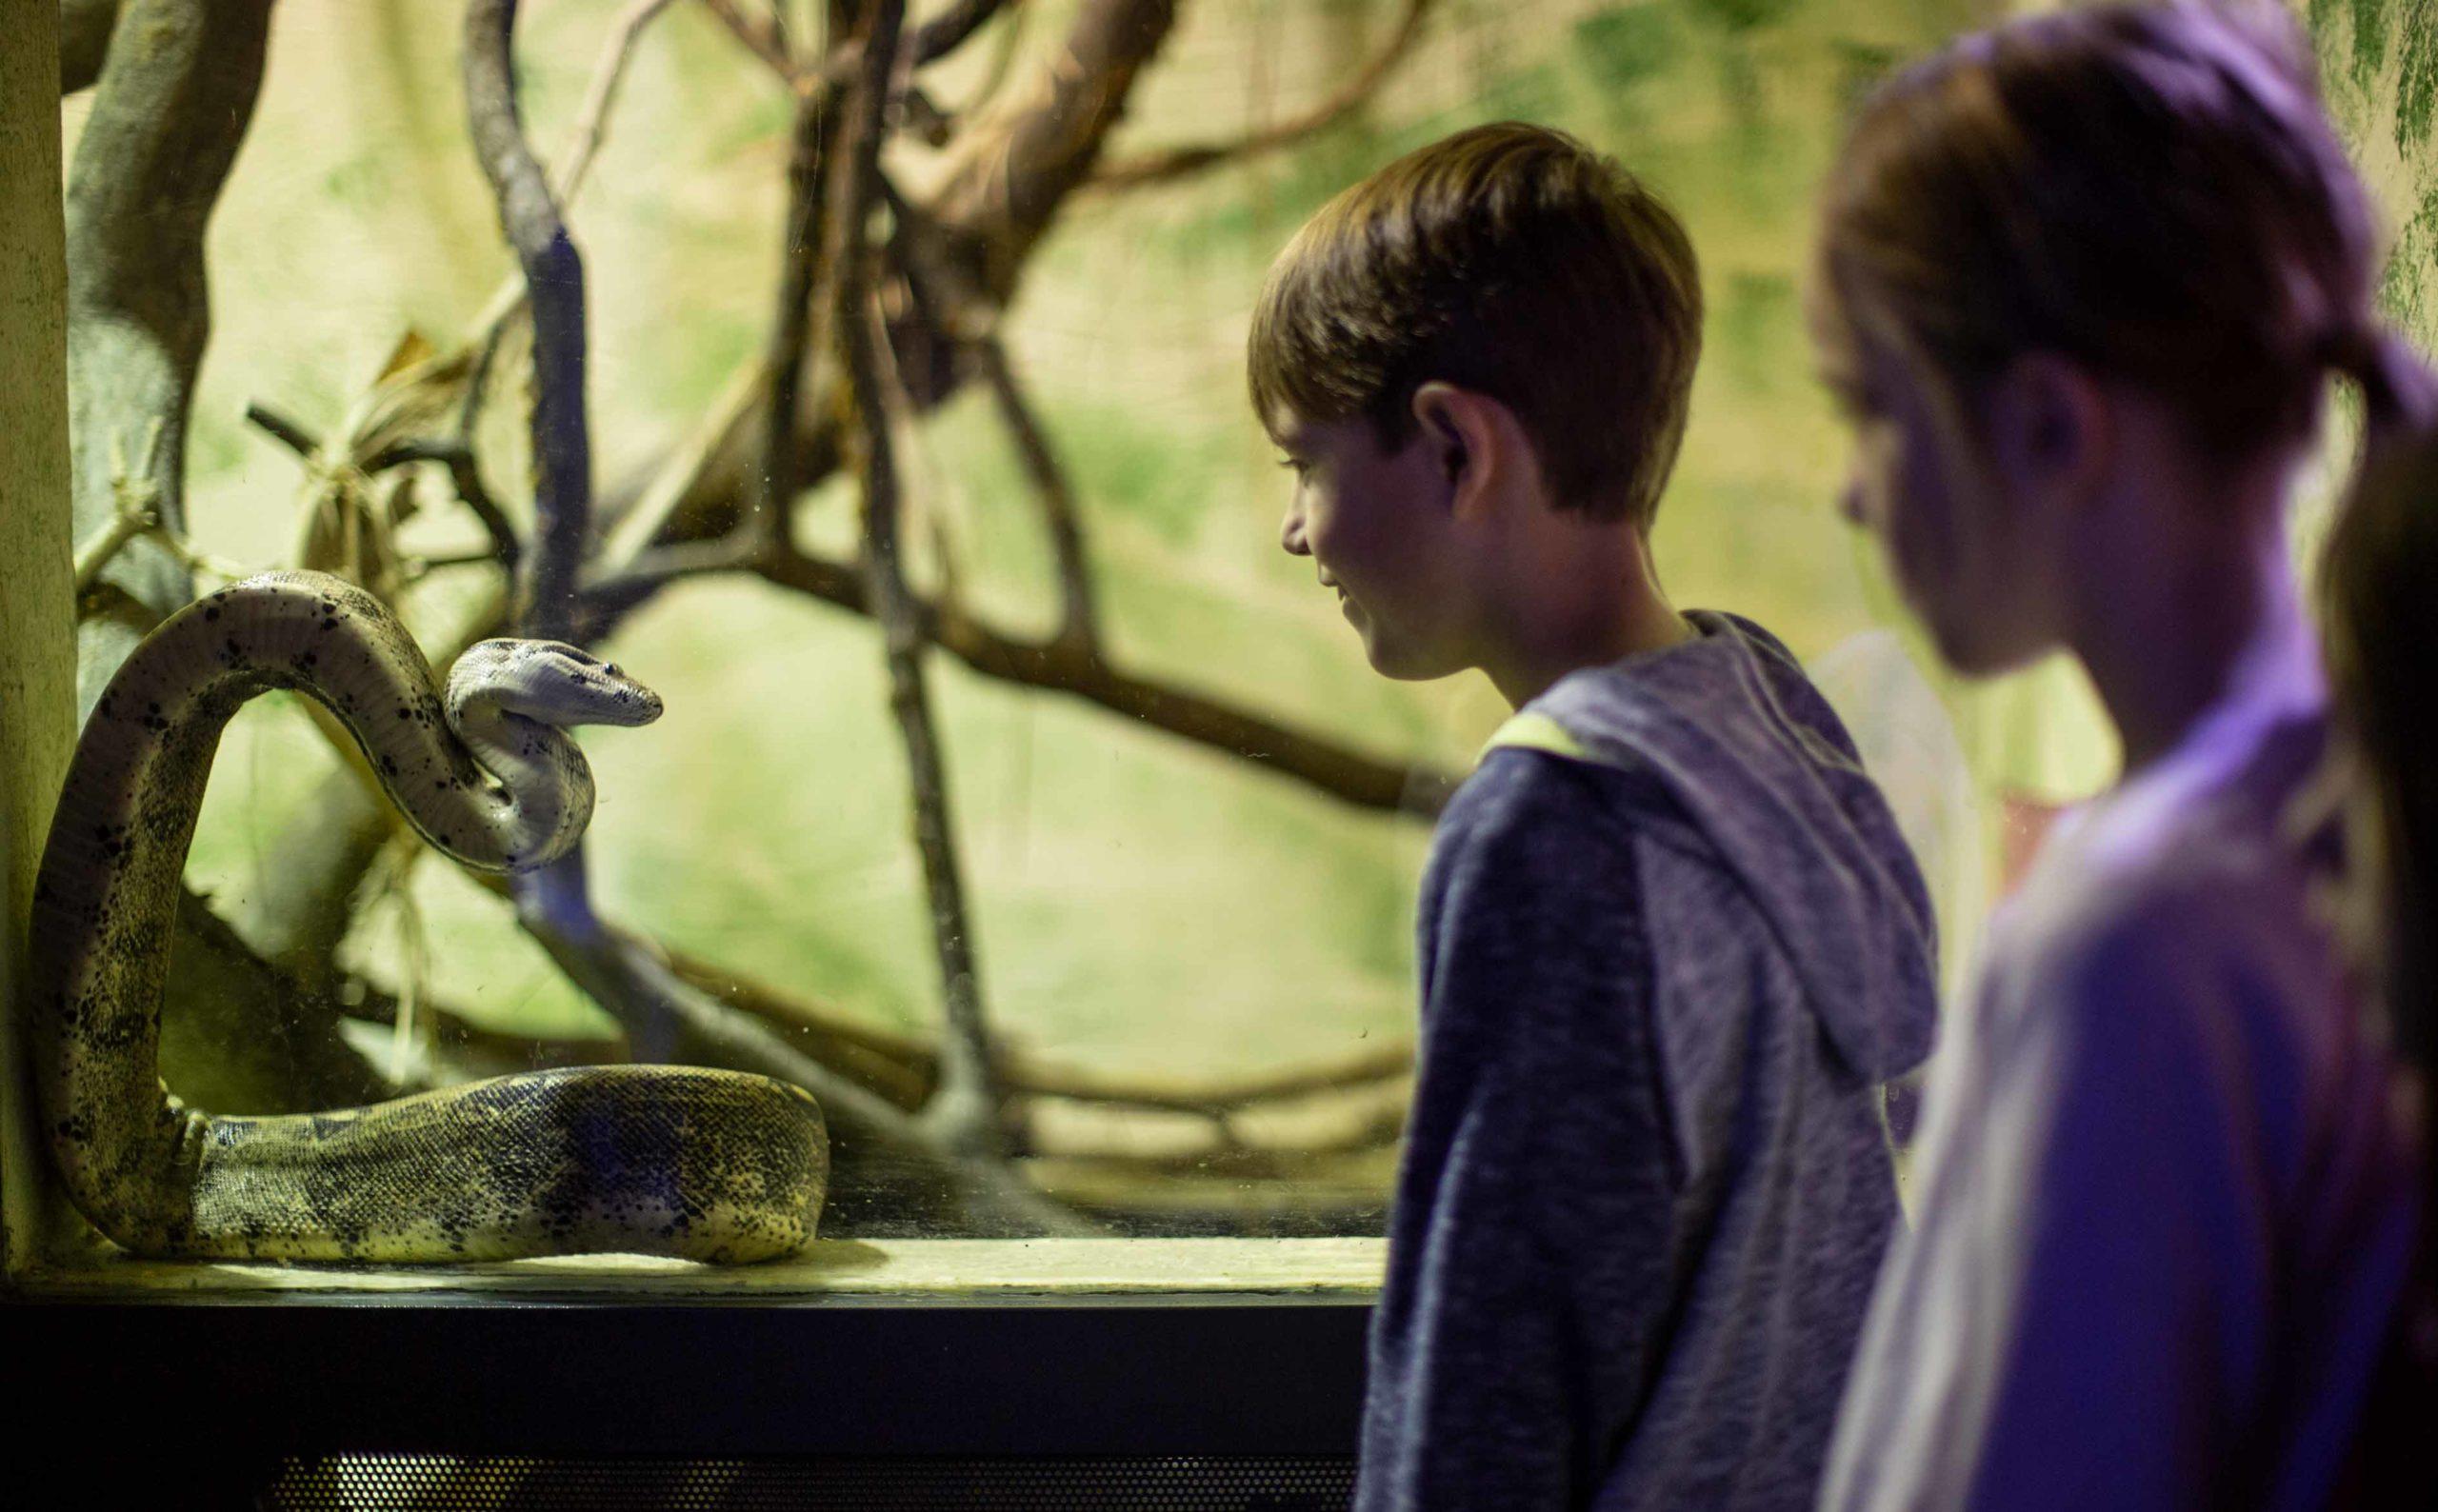 Aqua & Terra Zoo, Kinder beobachten Schlange